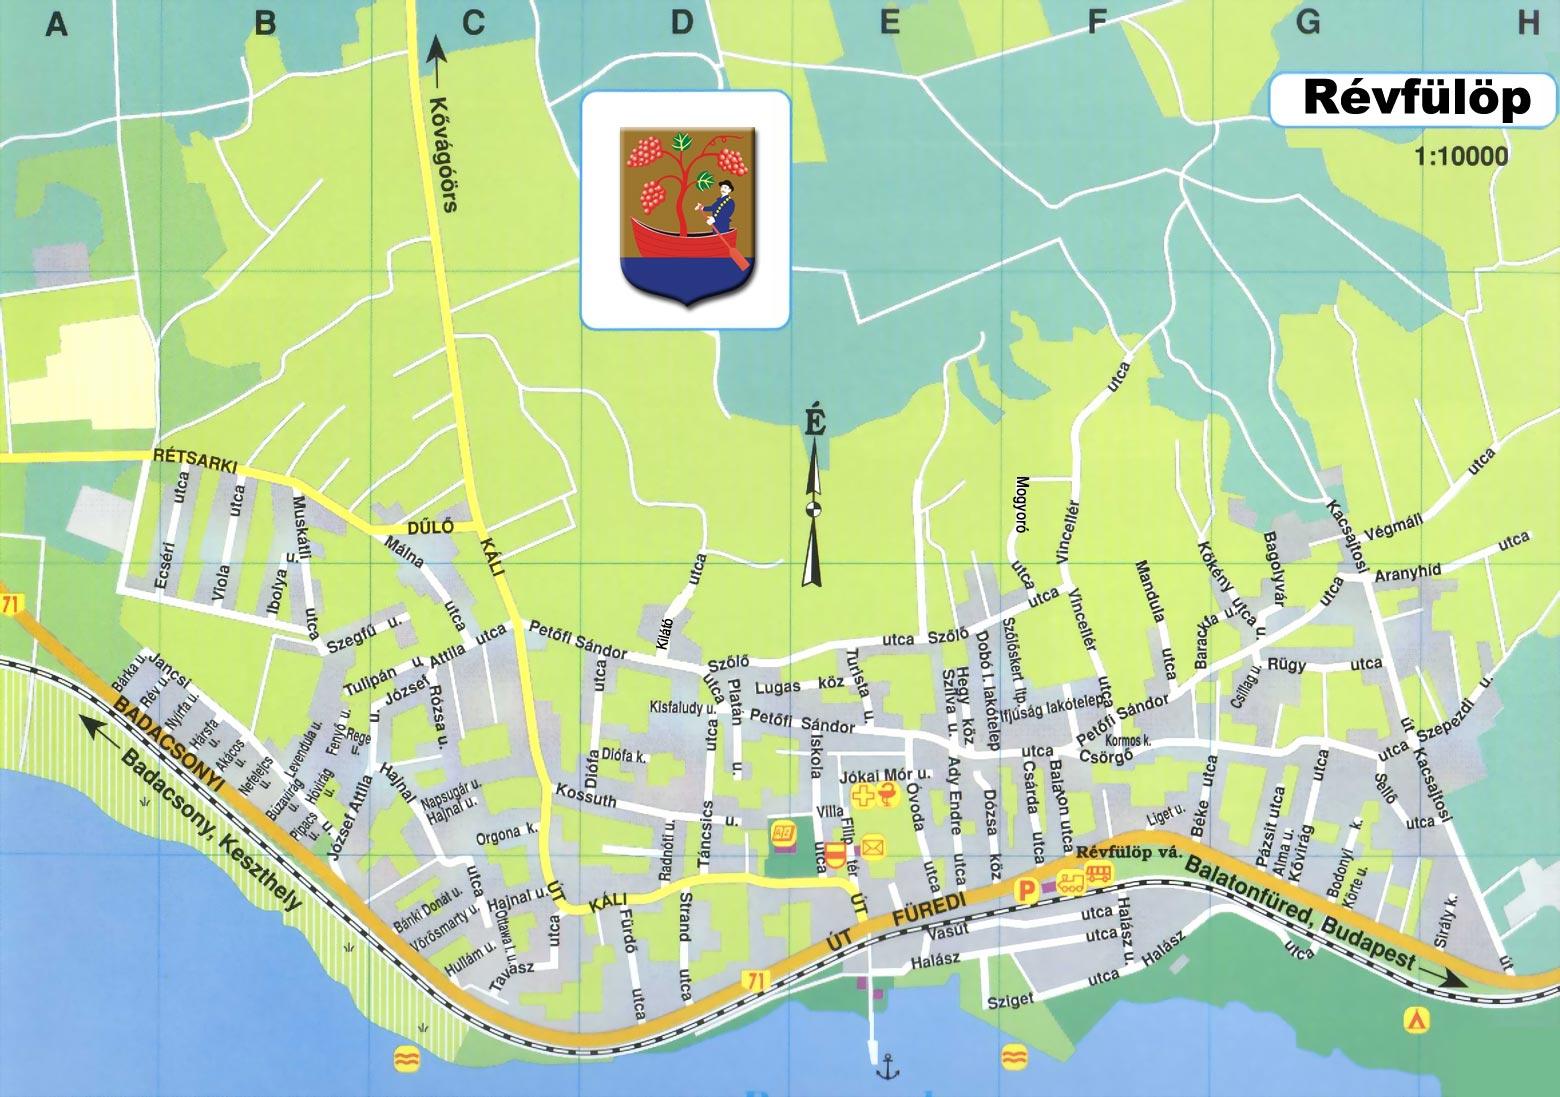 balaton révfülöp térkép Révfülöp térképe szolgáltatásokkal, szállások, üzletek, éttermek a  balaton révfülöp térkép